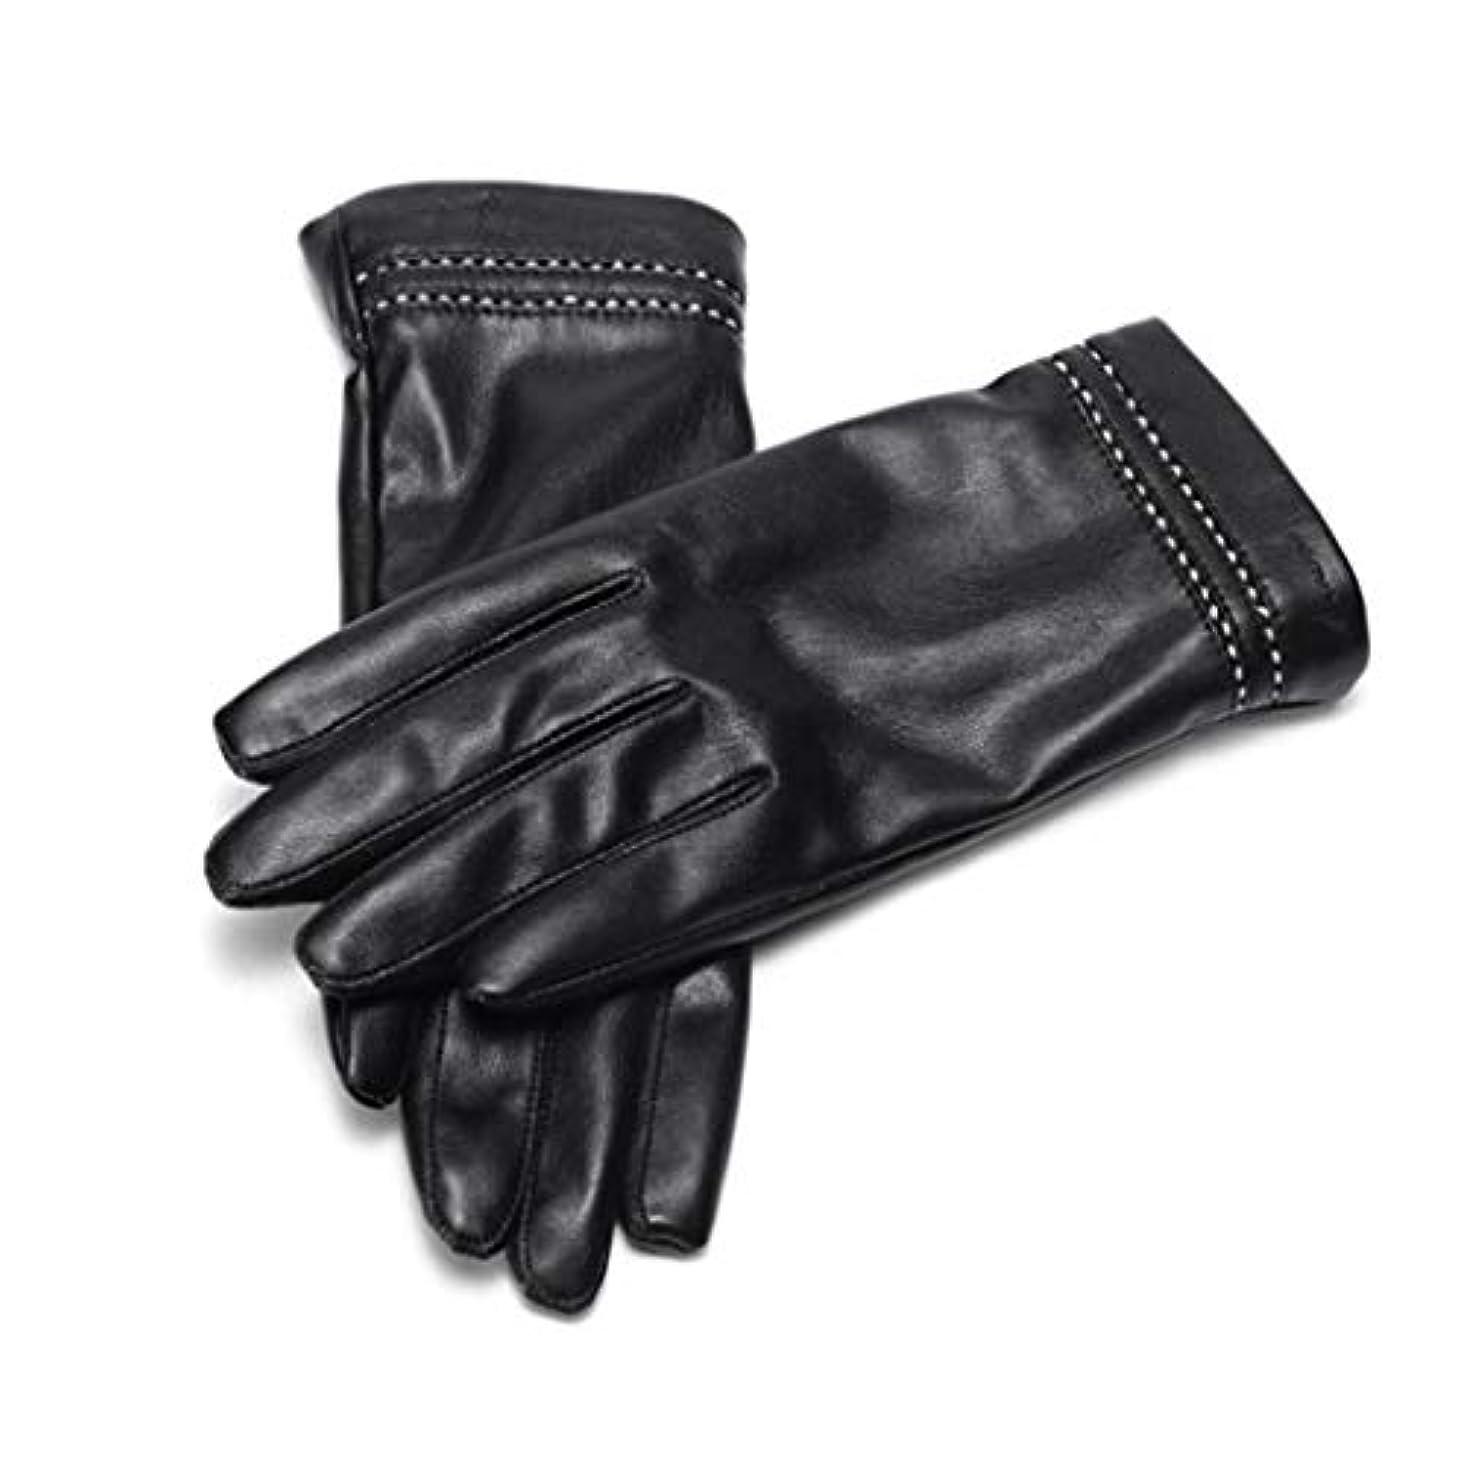 有名台風アスペクト女性の革手袋秋と冬のファッションプラスベルベット暖かい滑り止めのタッチスクリーン革手袋の女性671141003黒